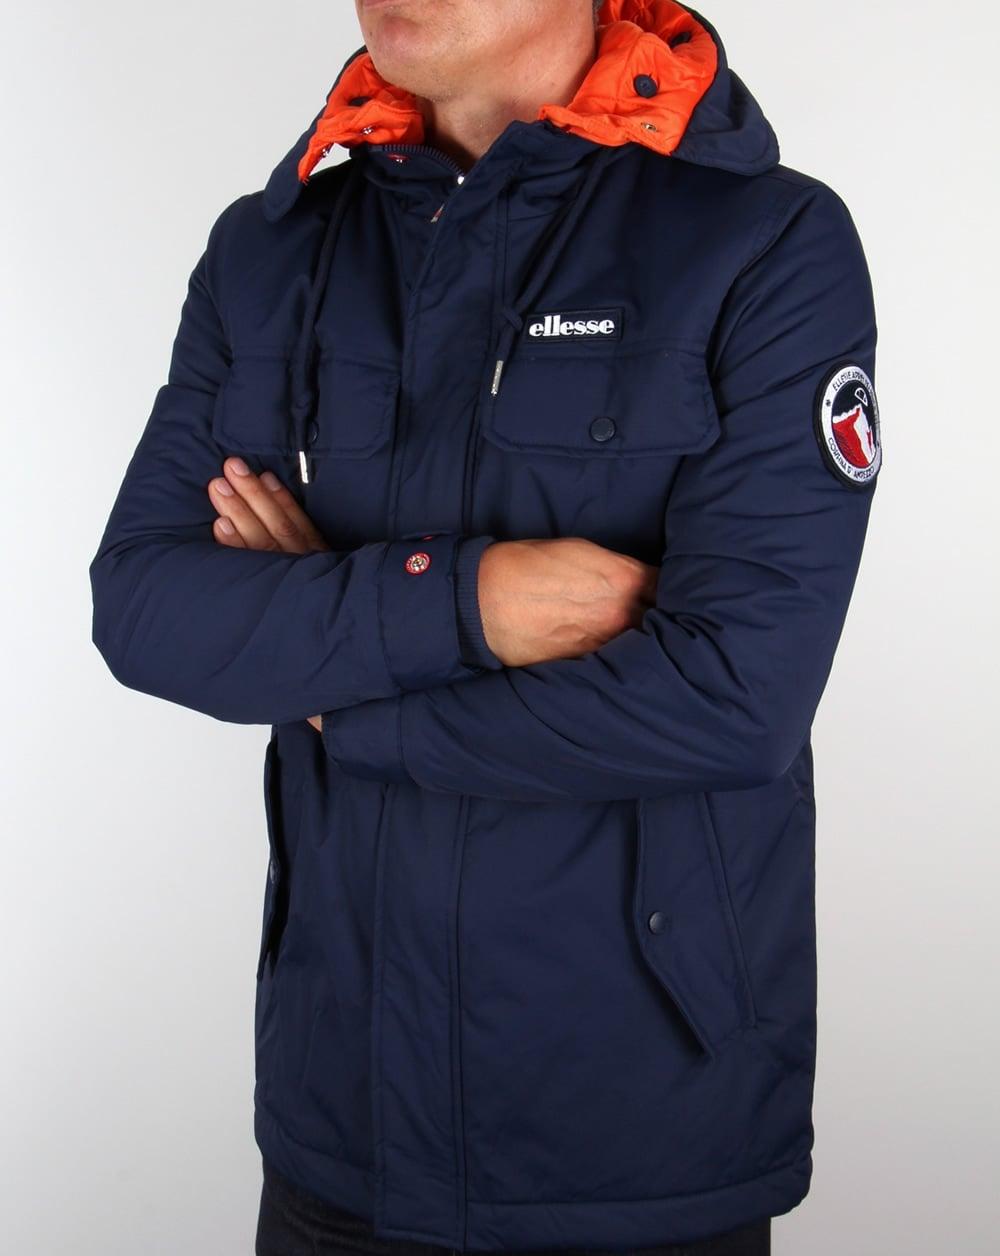 ellesse ski jacket navy dolomites parka hooded padded coat mens. Black Bedroom Furniture Sets. Home Design Ideas